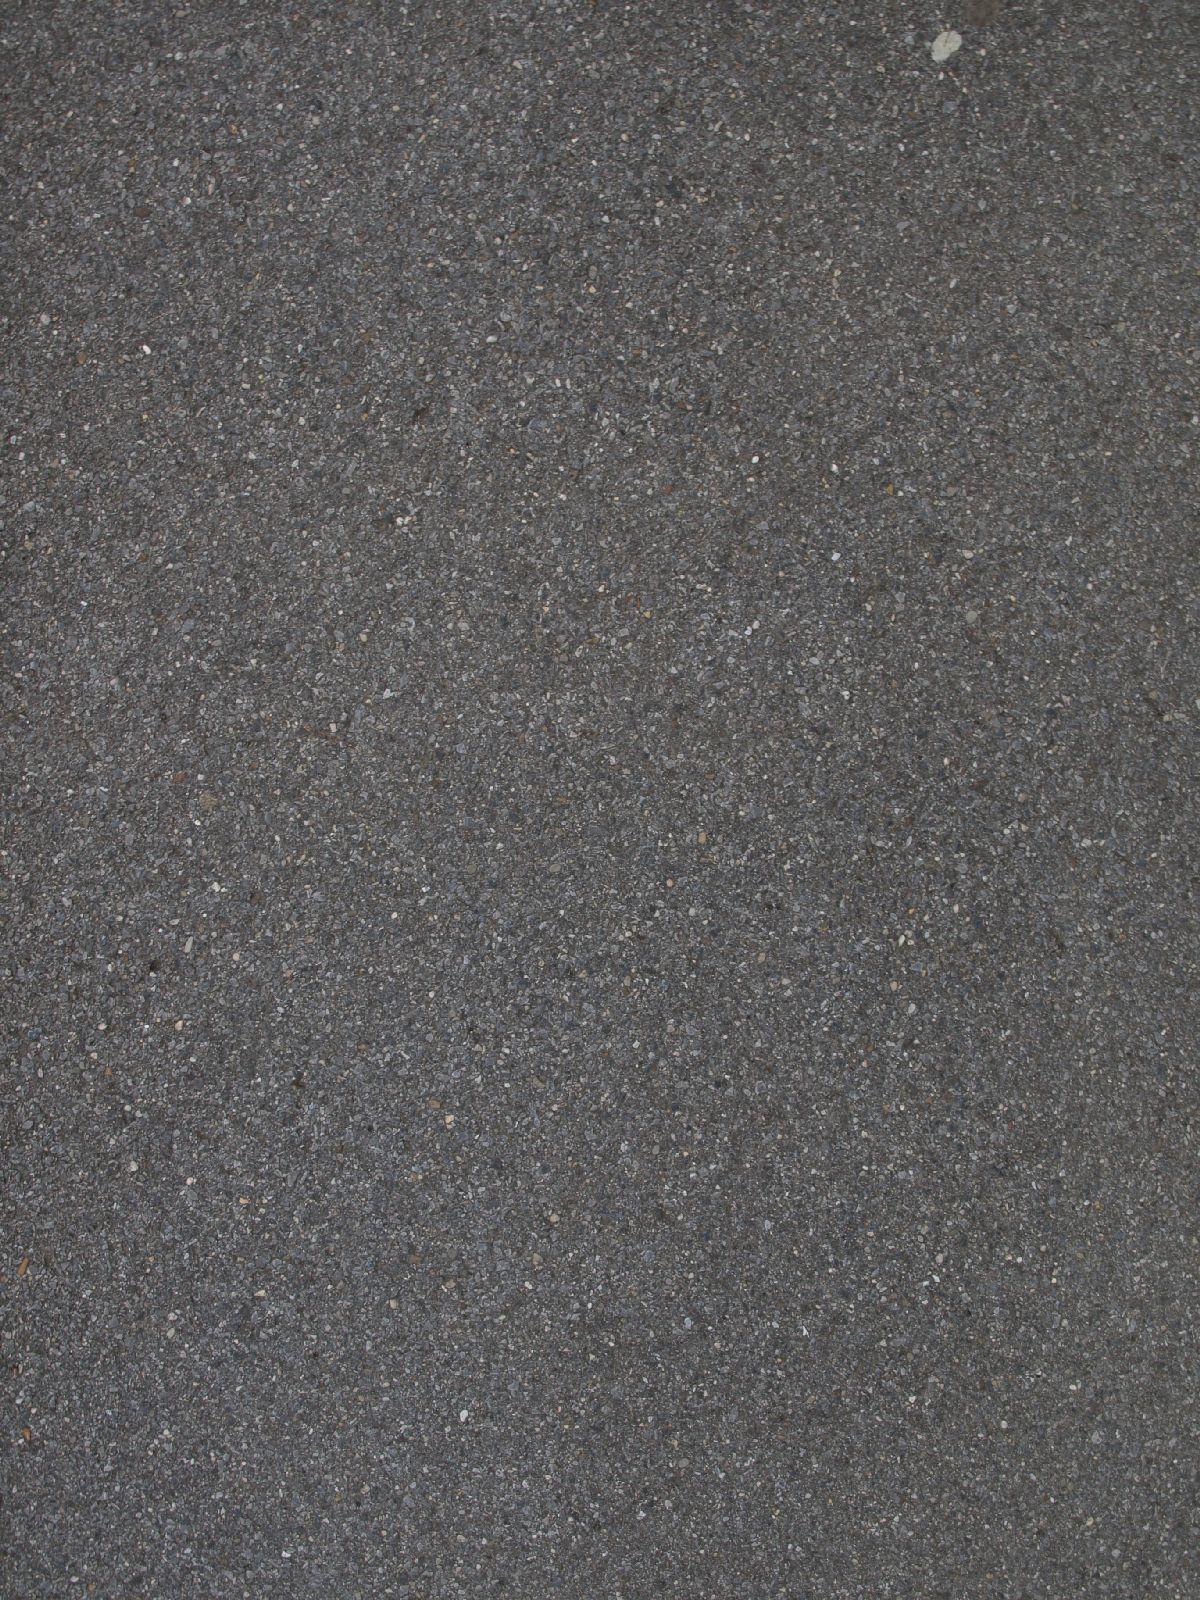 Boden-Gehweg-Strasse-Buergersteig-Textur_A_P4120977